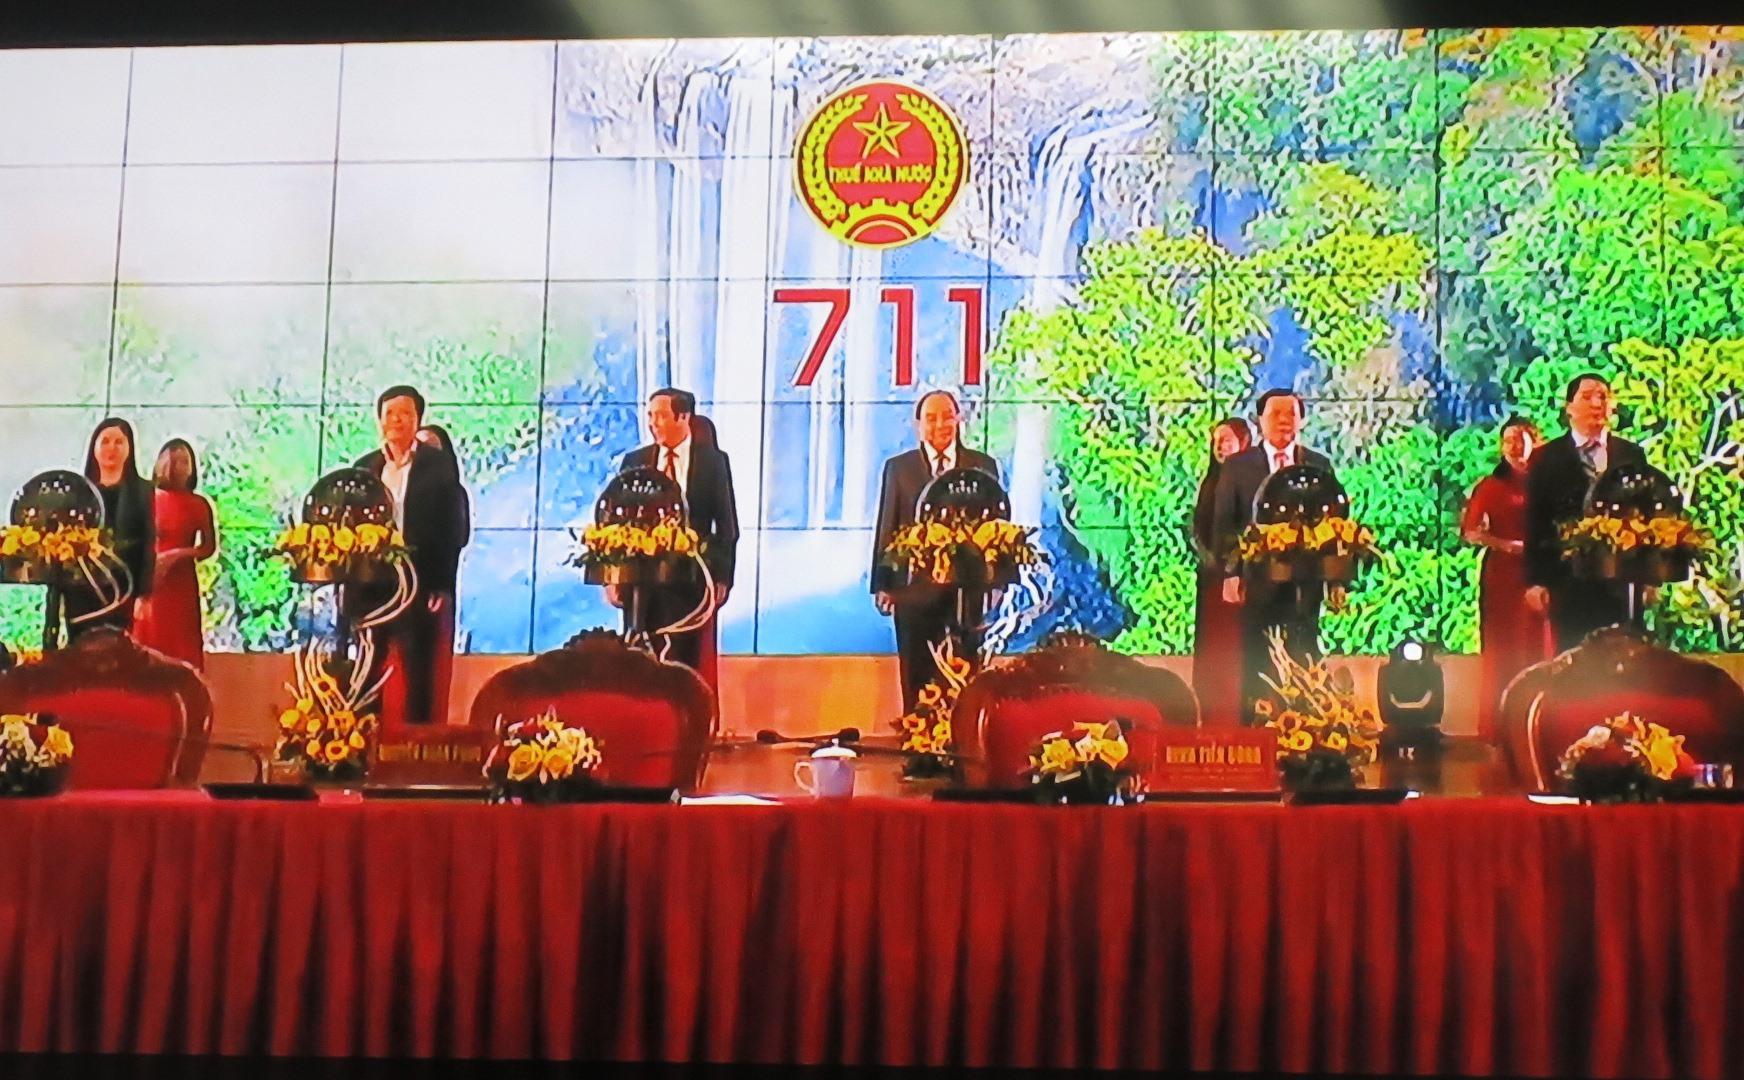 Các đại biểu bấm nút hòa mạng 415 chi cục thuế khu vực sau hợp nhất vào hệ thống quản lý thuế Việt Nam.